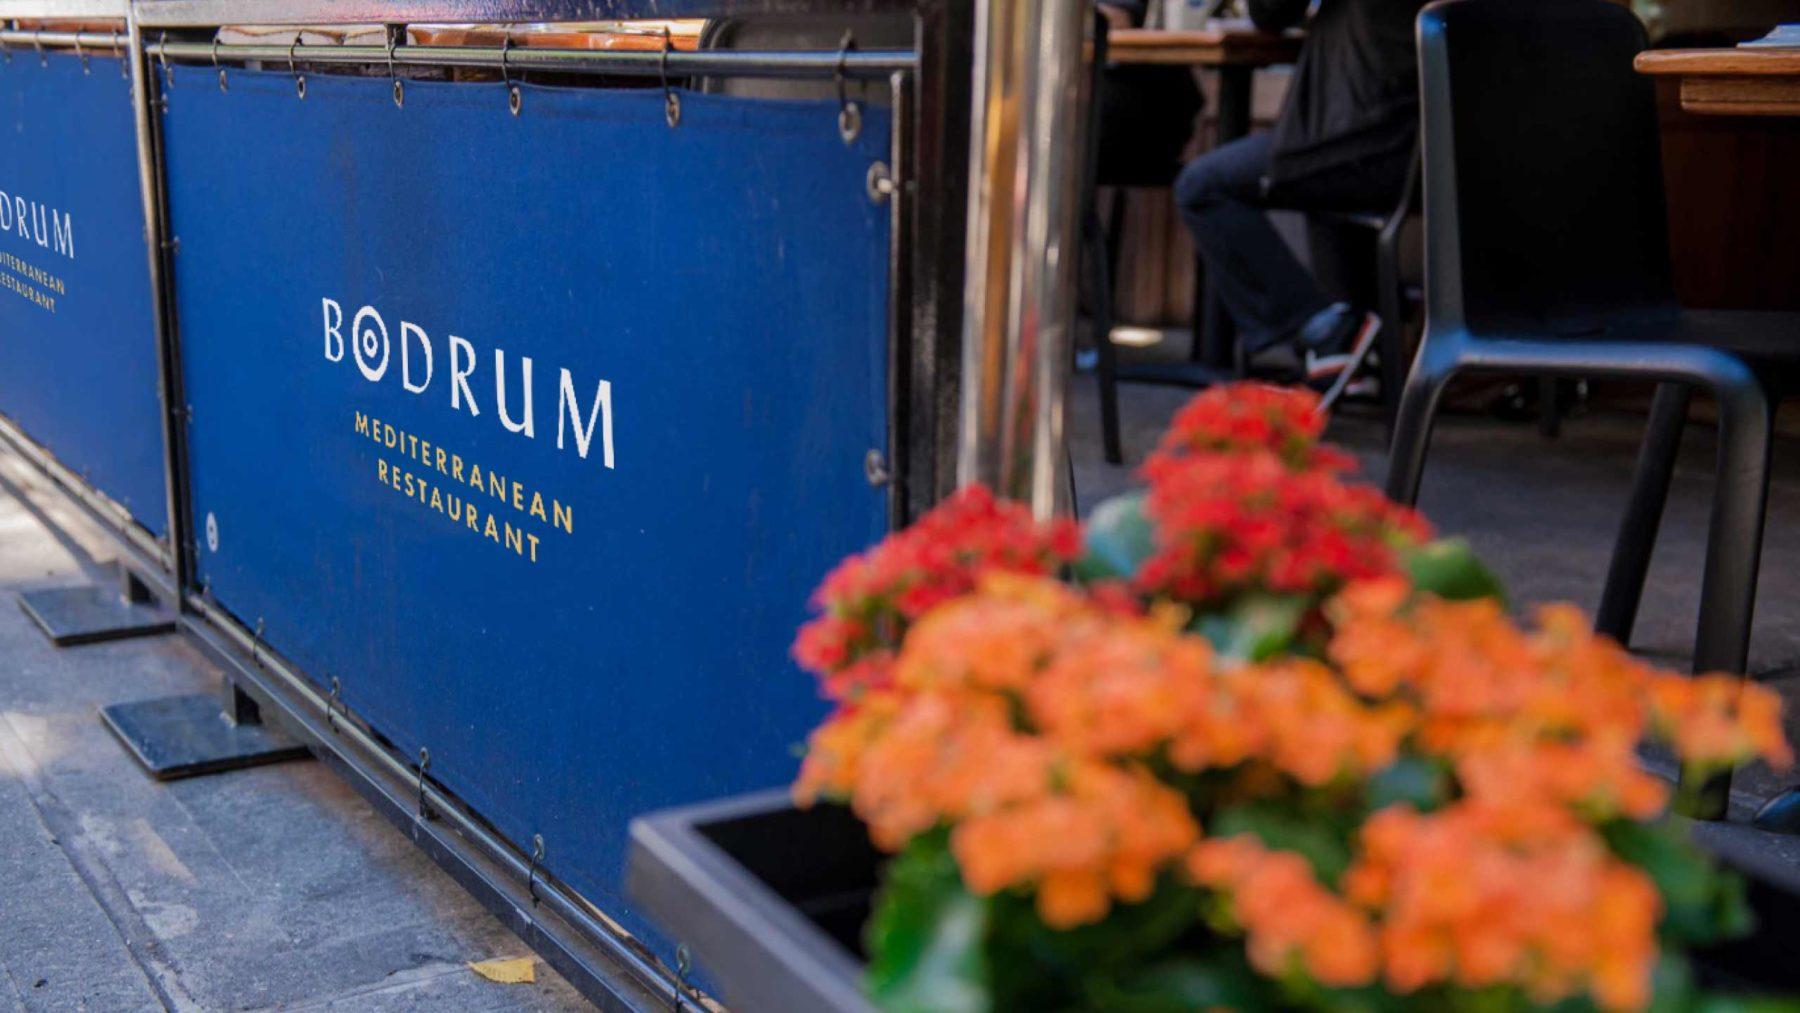 Mediterranean Restaurant in Upper West Side New York